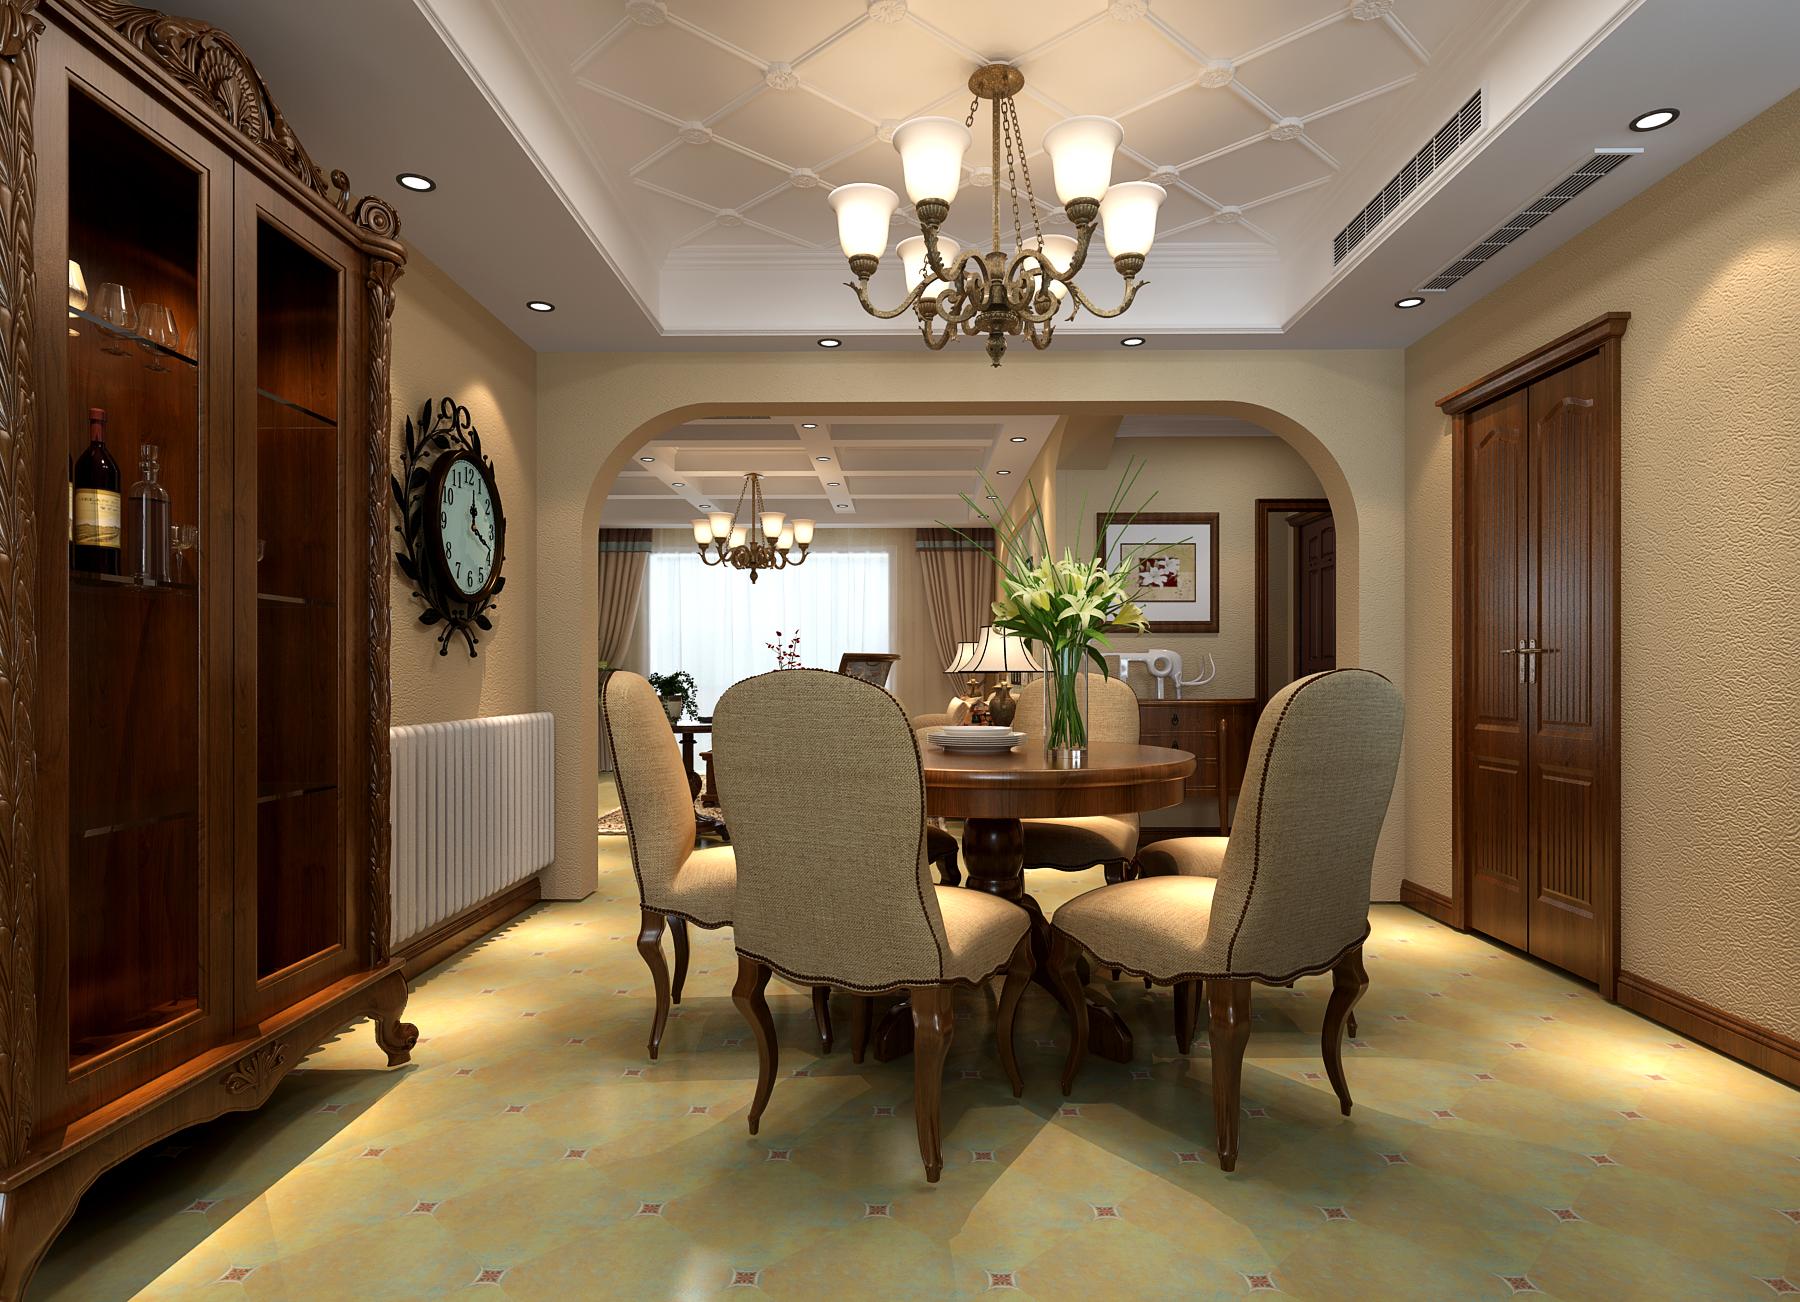 餐厅地面采用的是仿古砖,表现出粗犷、未经加工、或二次做旧的质感和年代感,搭配美缝剂和艺术拼花,从细节处凸显出客餐厅的古典美